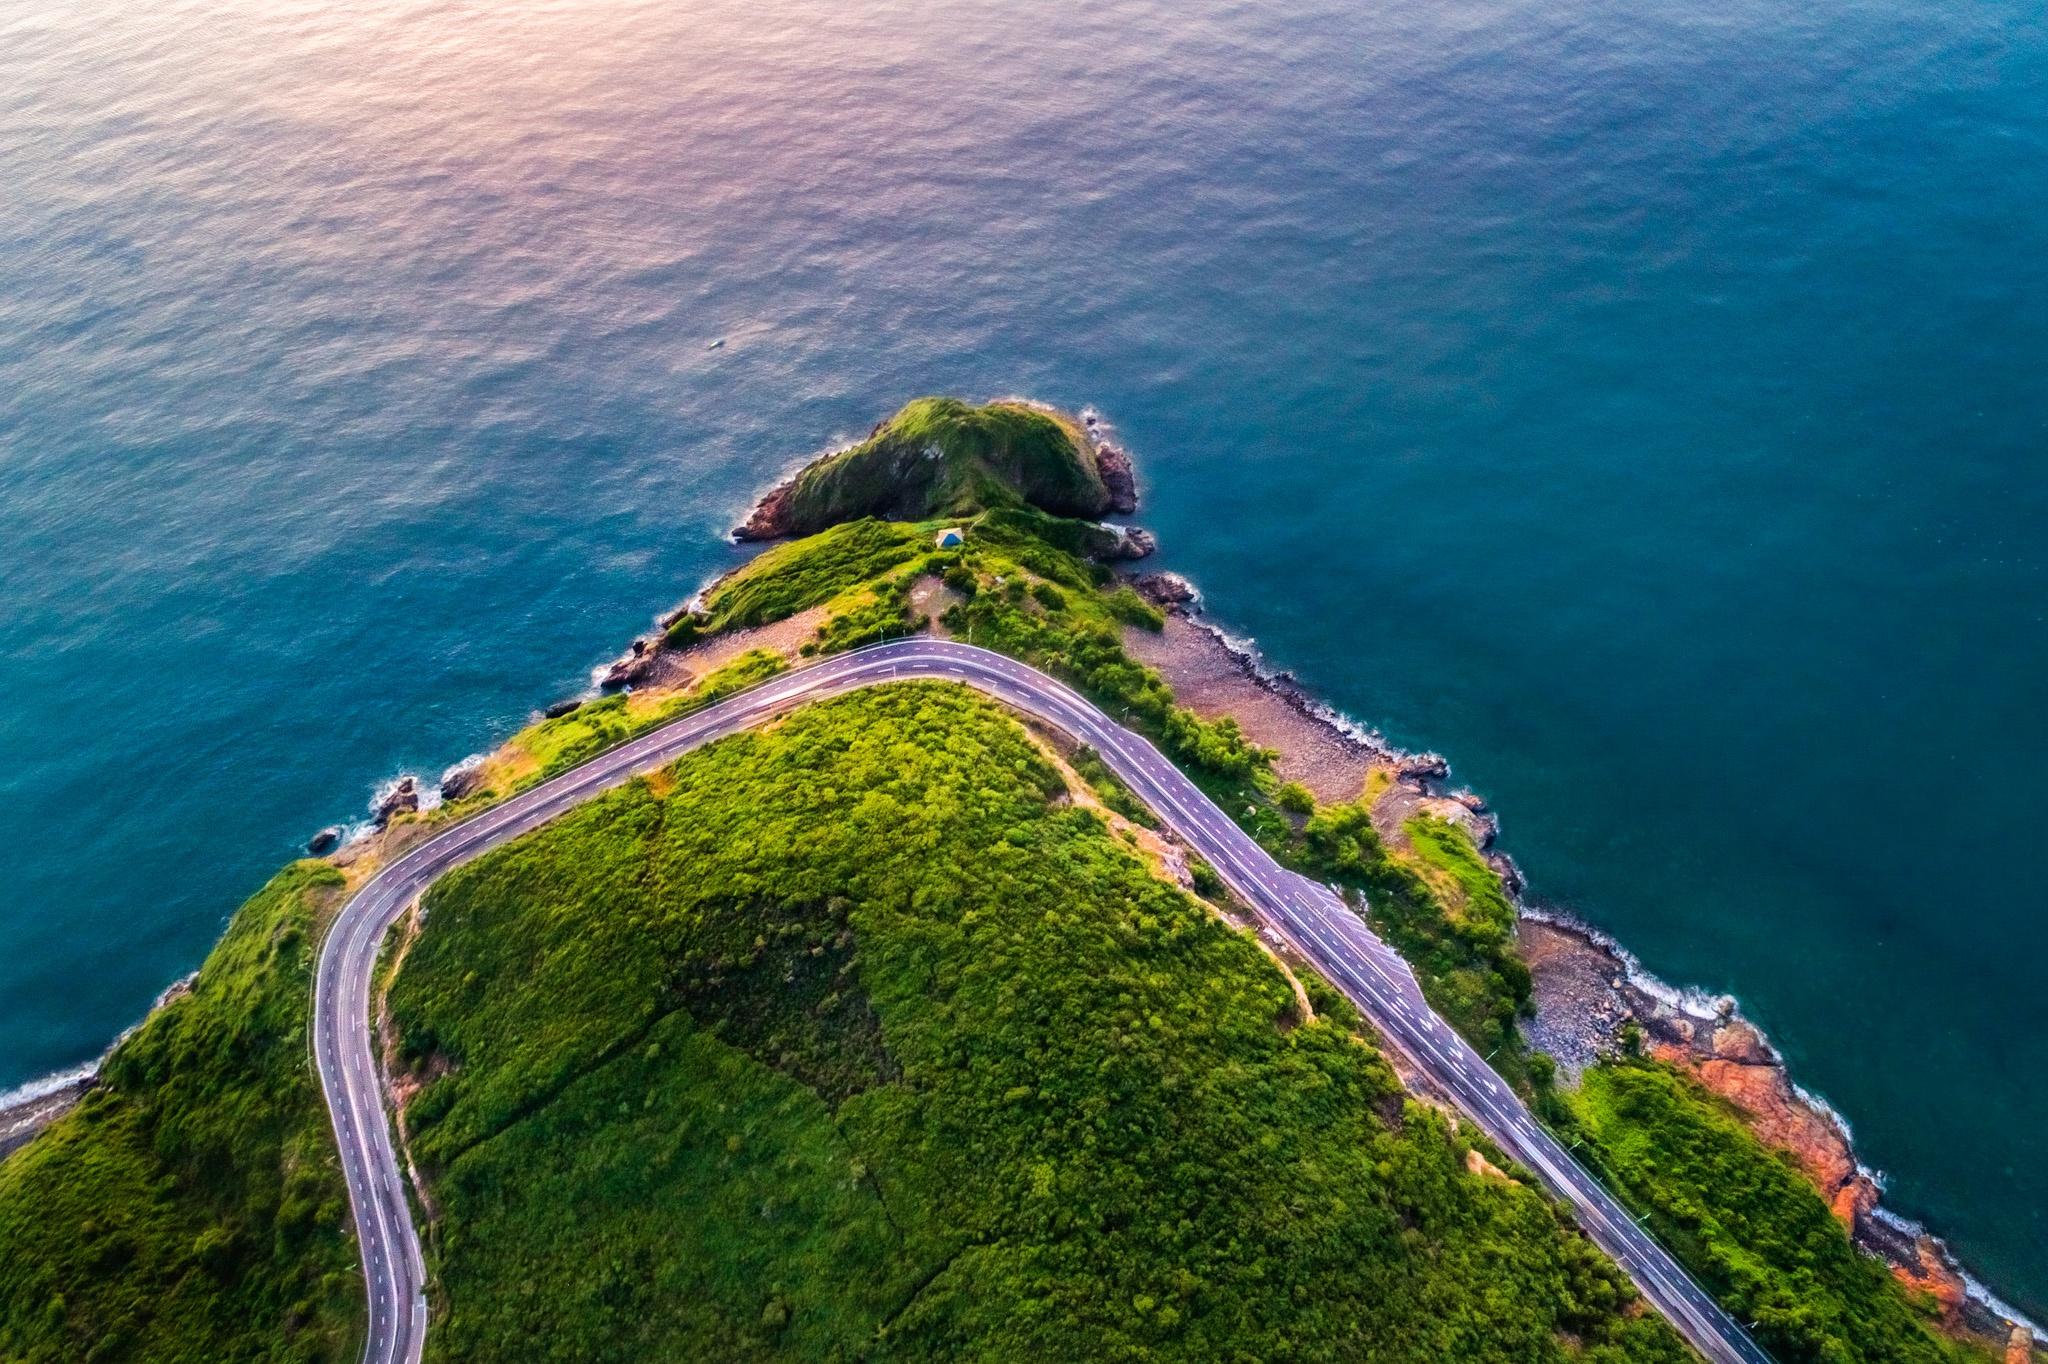 Chuyến đi mùa hè đến thiên đường biển đảo Nha Trang - Ảnh 6.